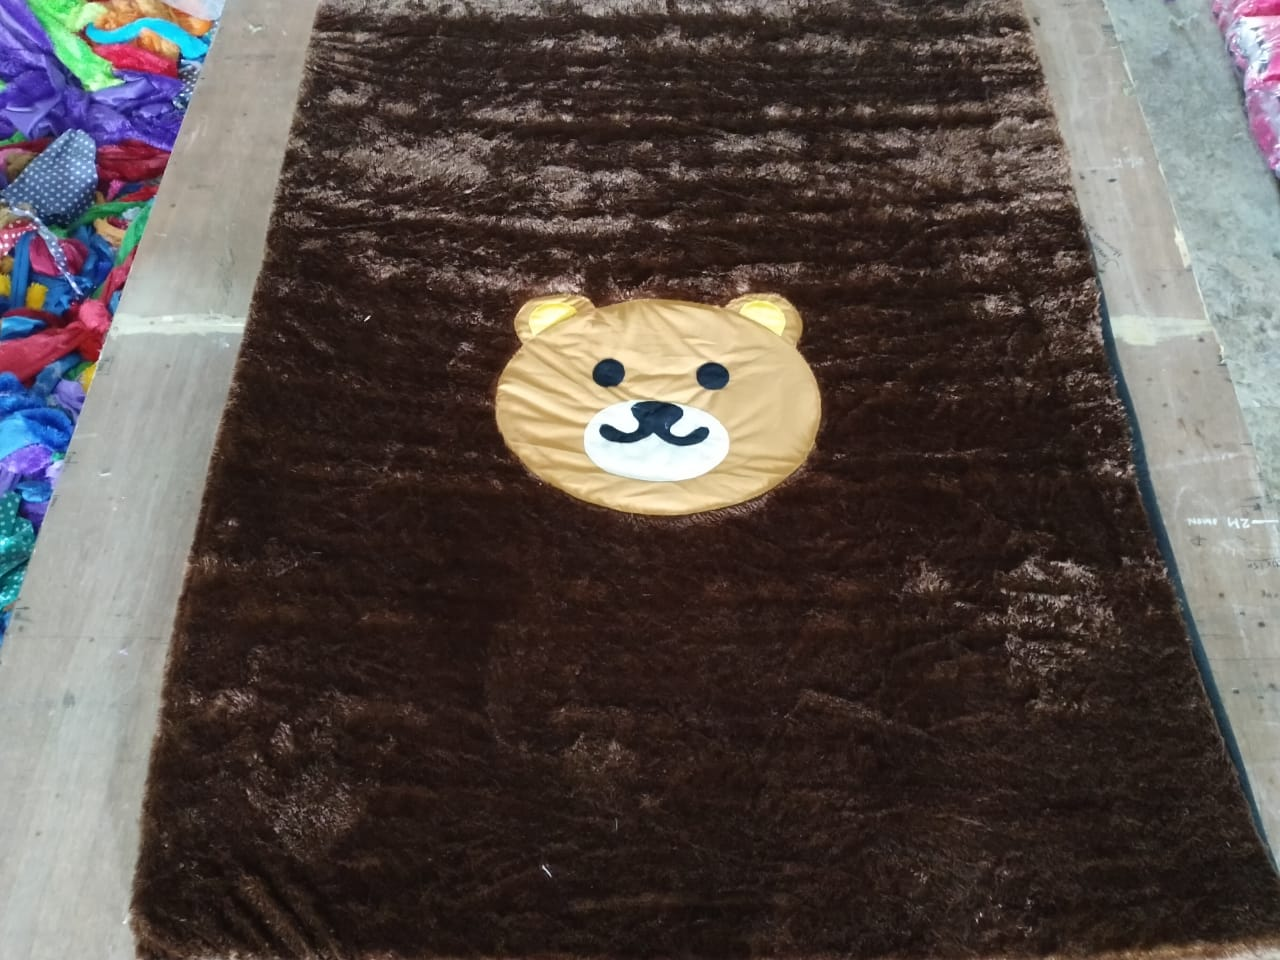 karpet bulu rasfur / kasur lantai bulu / kasur bulu karakter / surpet kasur empuk karakter  / karpet karakter  / karpet bulu / surpet karakter  ukuran 180x140x35cm (bantal 2 guling 1 ) bisa bayar tempat